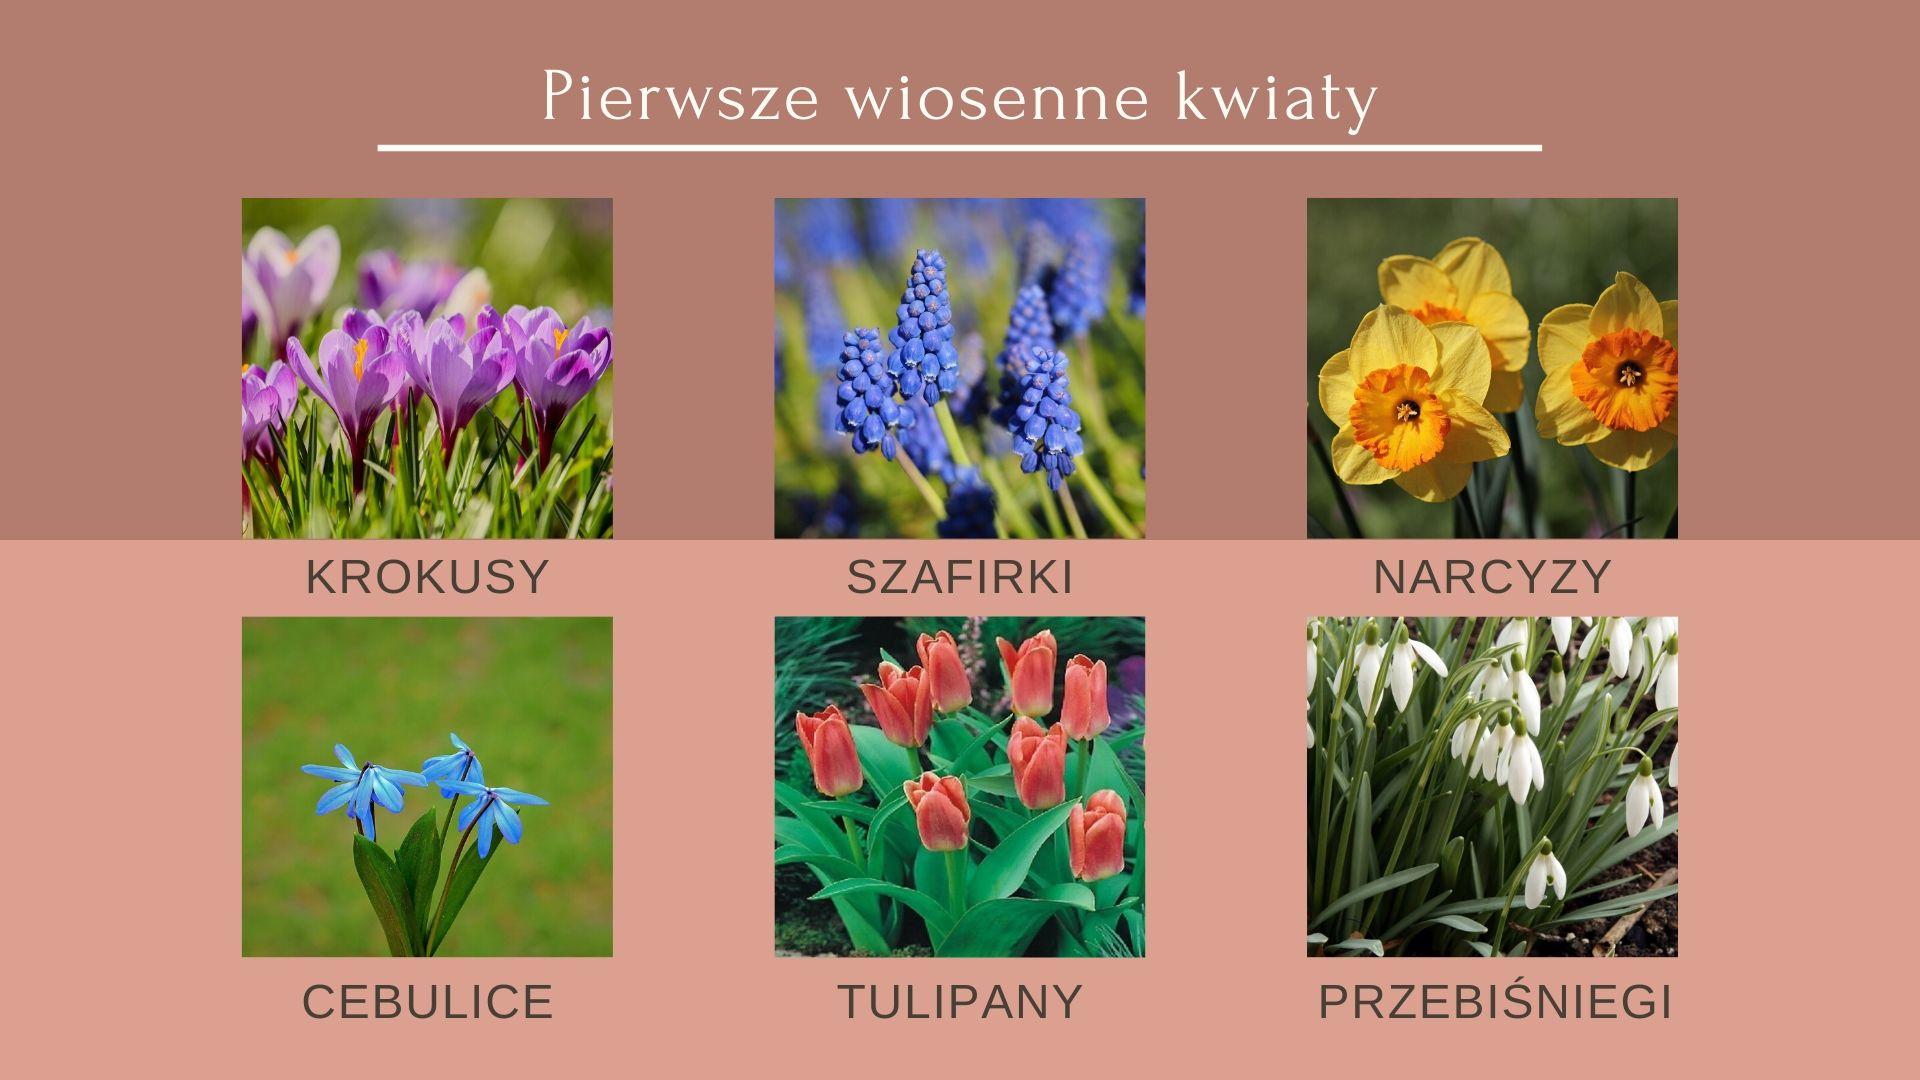 Pierwsze Wiosenne Kwiaty Ktore Beda Cieszyly Oko Wczesna Wiosna Cebule Kwiatowe Pl